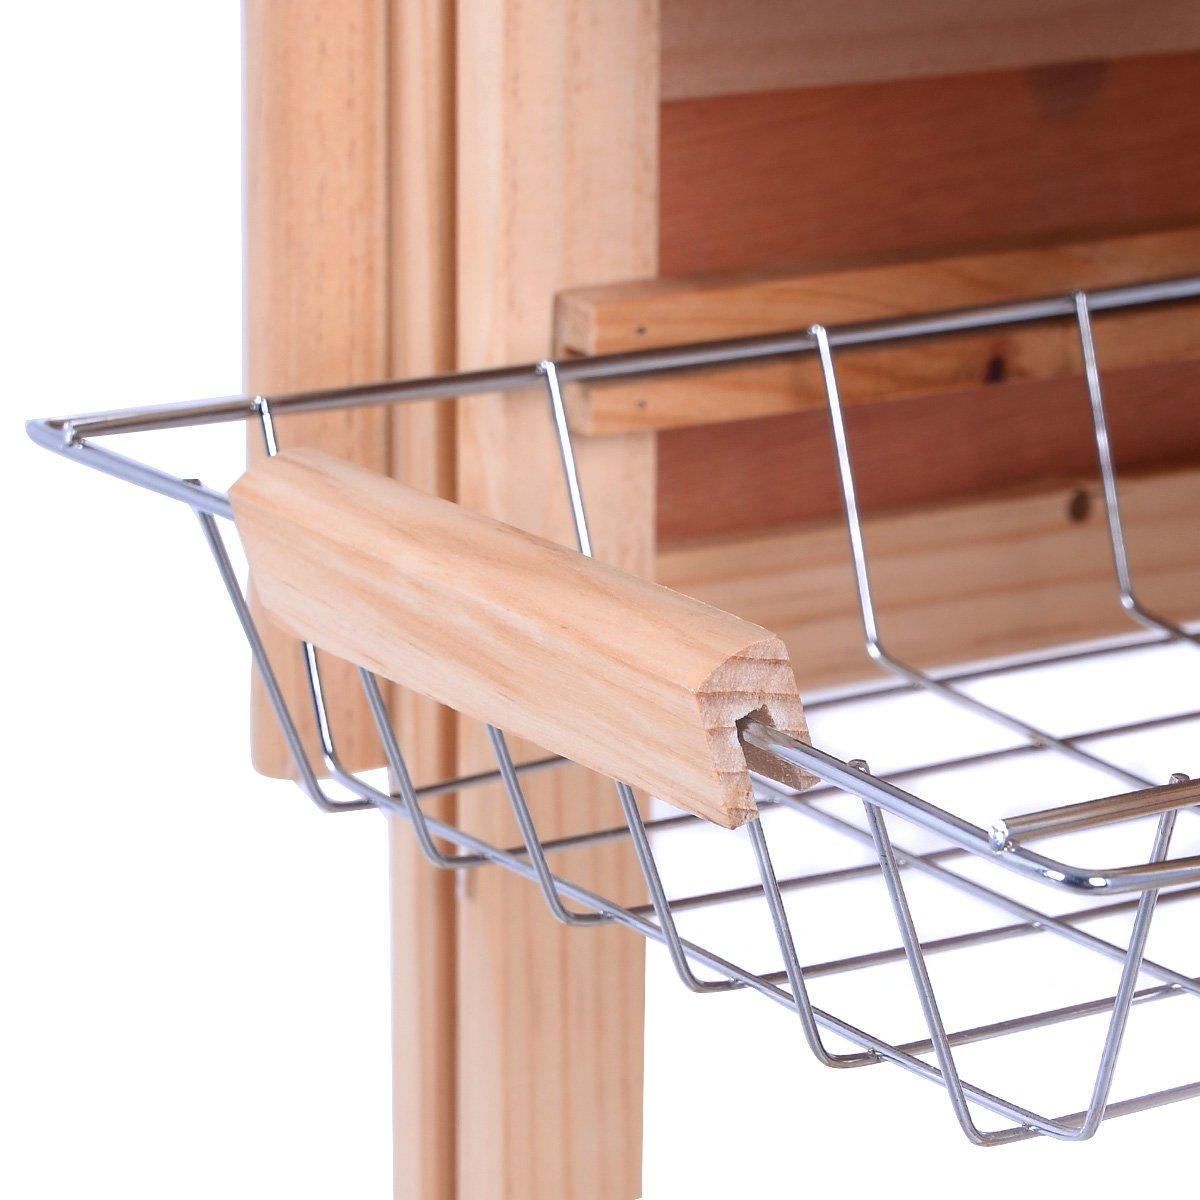 Ungewöhnlich Drop Blatt Küchenwagen Fotos - Küche Set Ideen ...